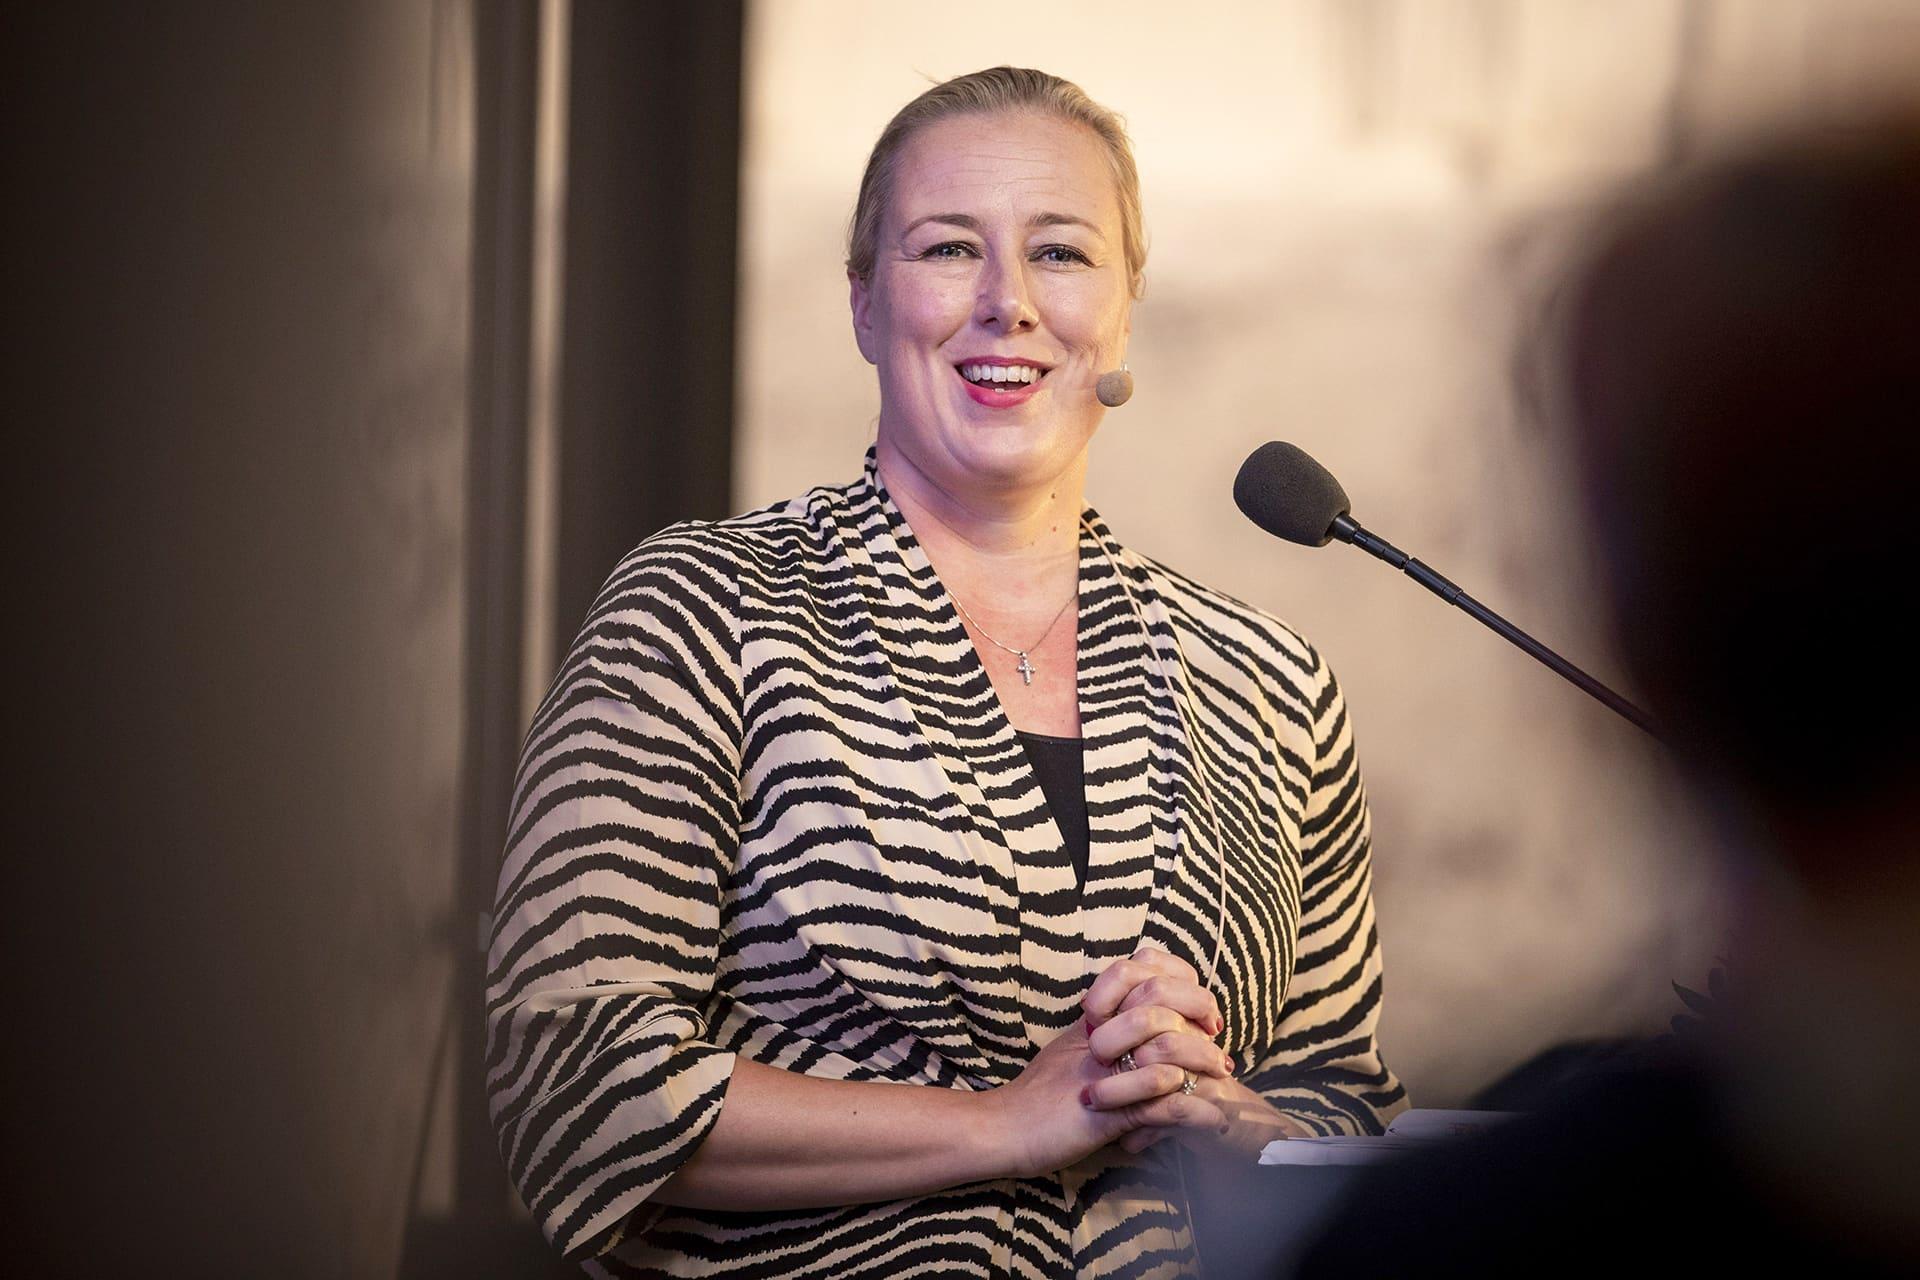 Komissaariehdokas Jutta Urpilainen oli eduskunnan suuren valiokunnan kuultavana Turun Eurooppa-foorumilla perjantaina 30. elokuuta